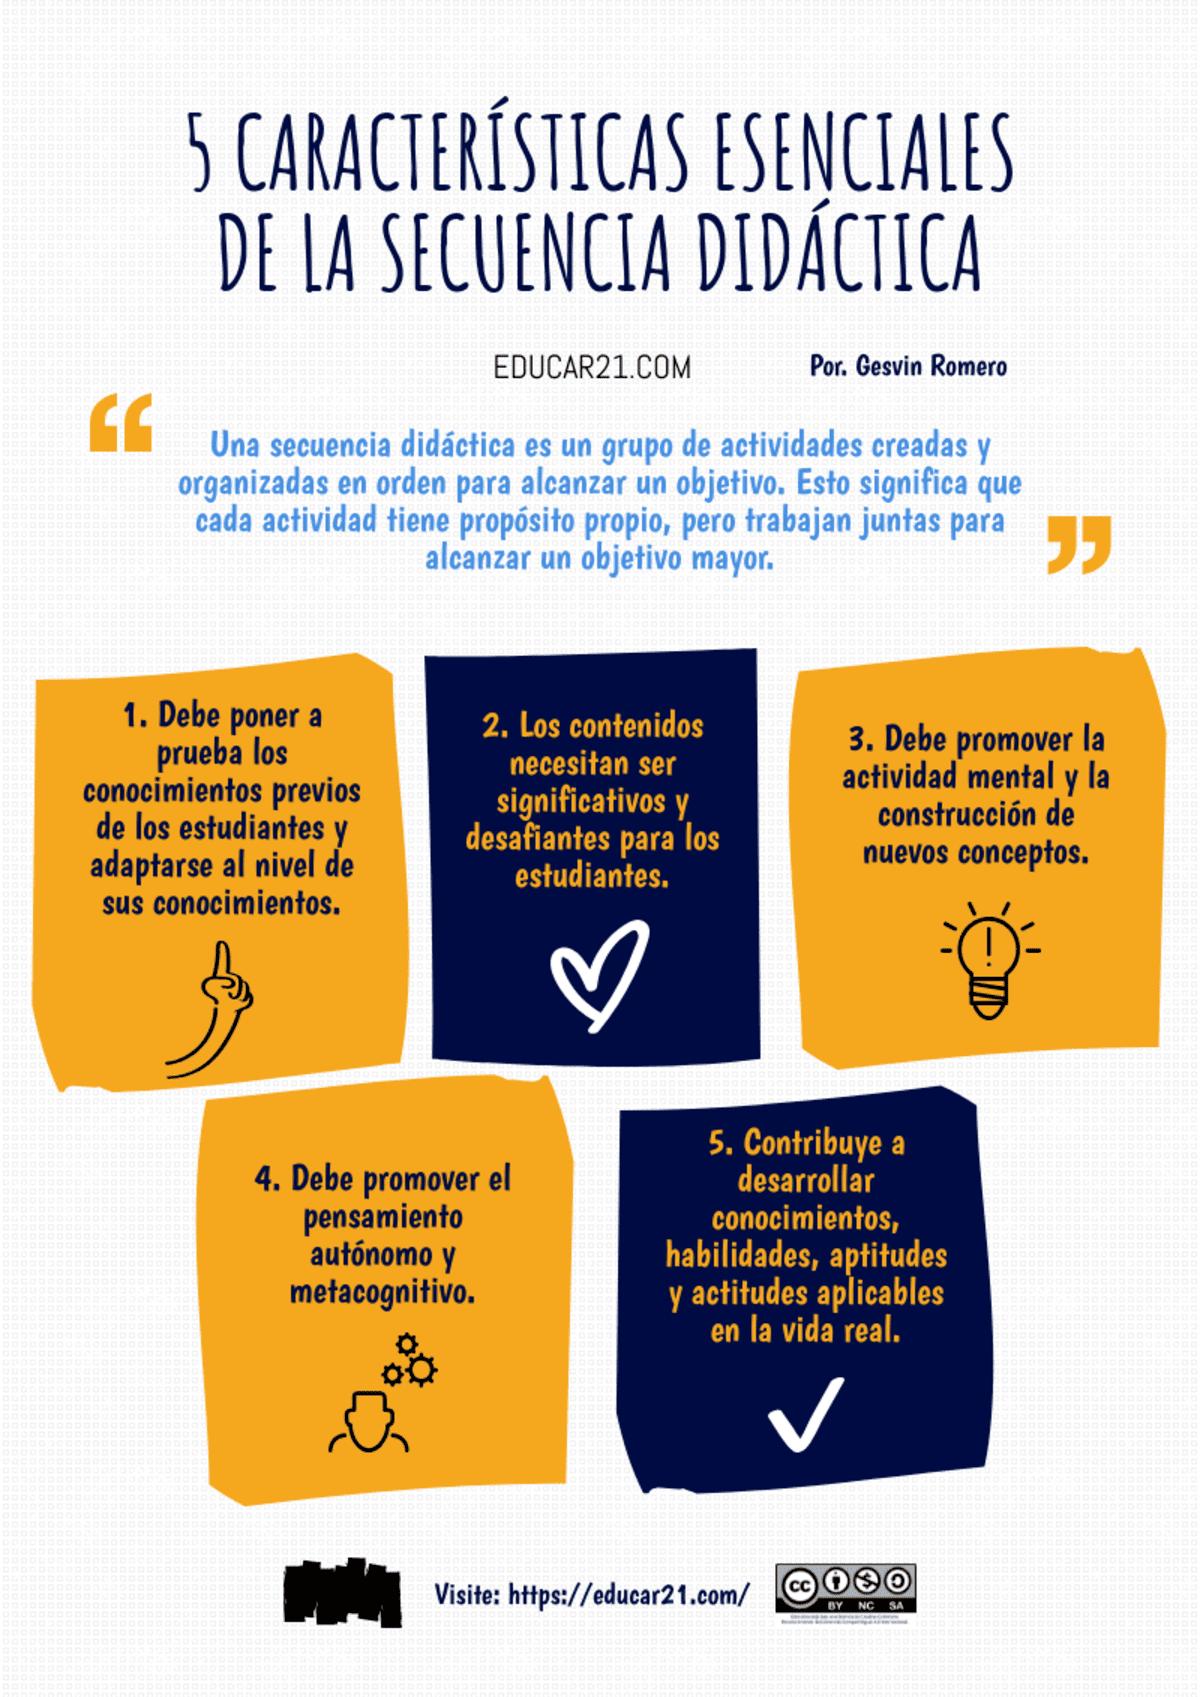 Secuencias Didácticas – 5 Características Esenciales para Potenciar las Actividades de Aprendizaje.